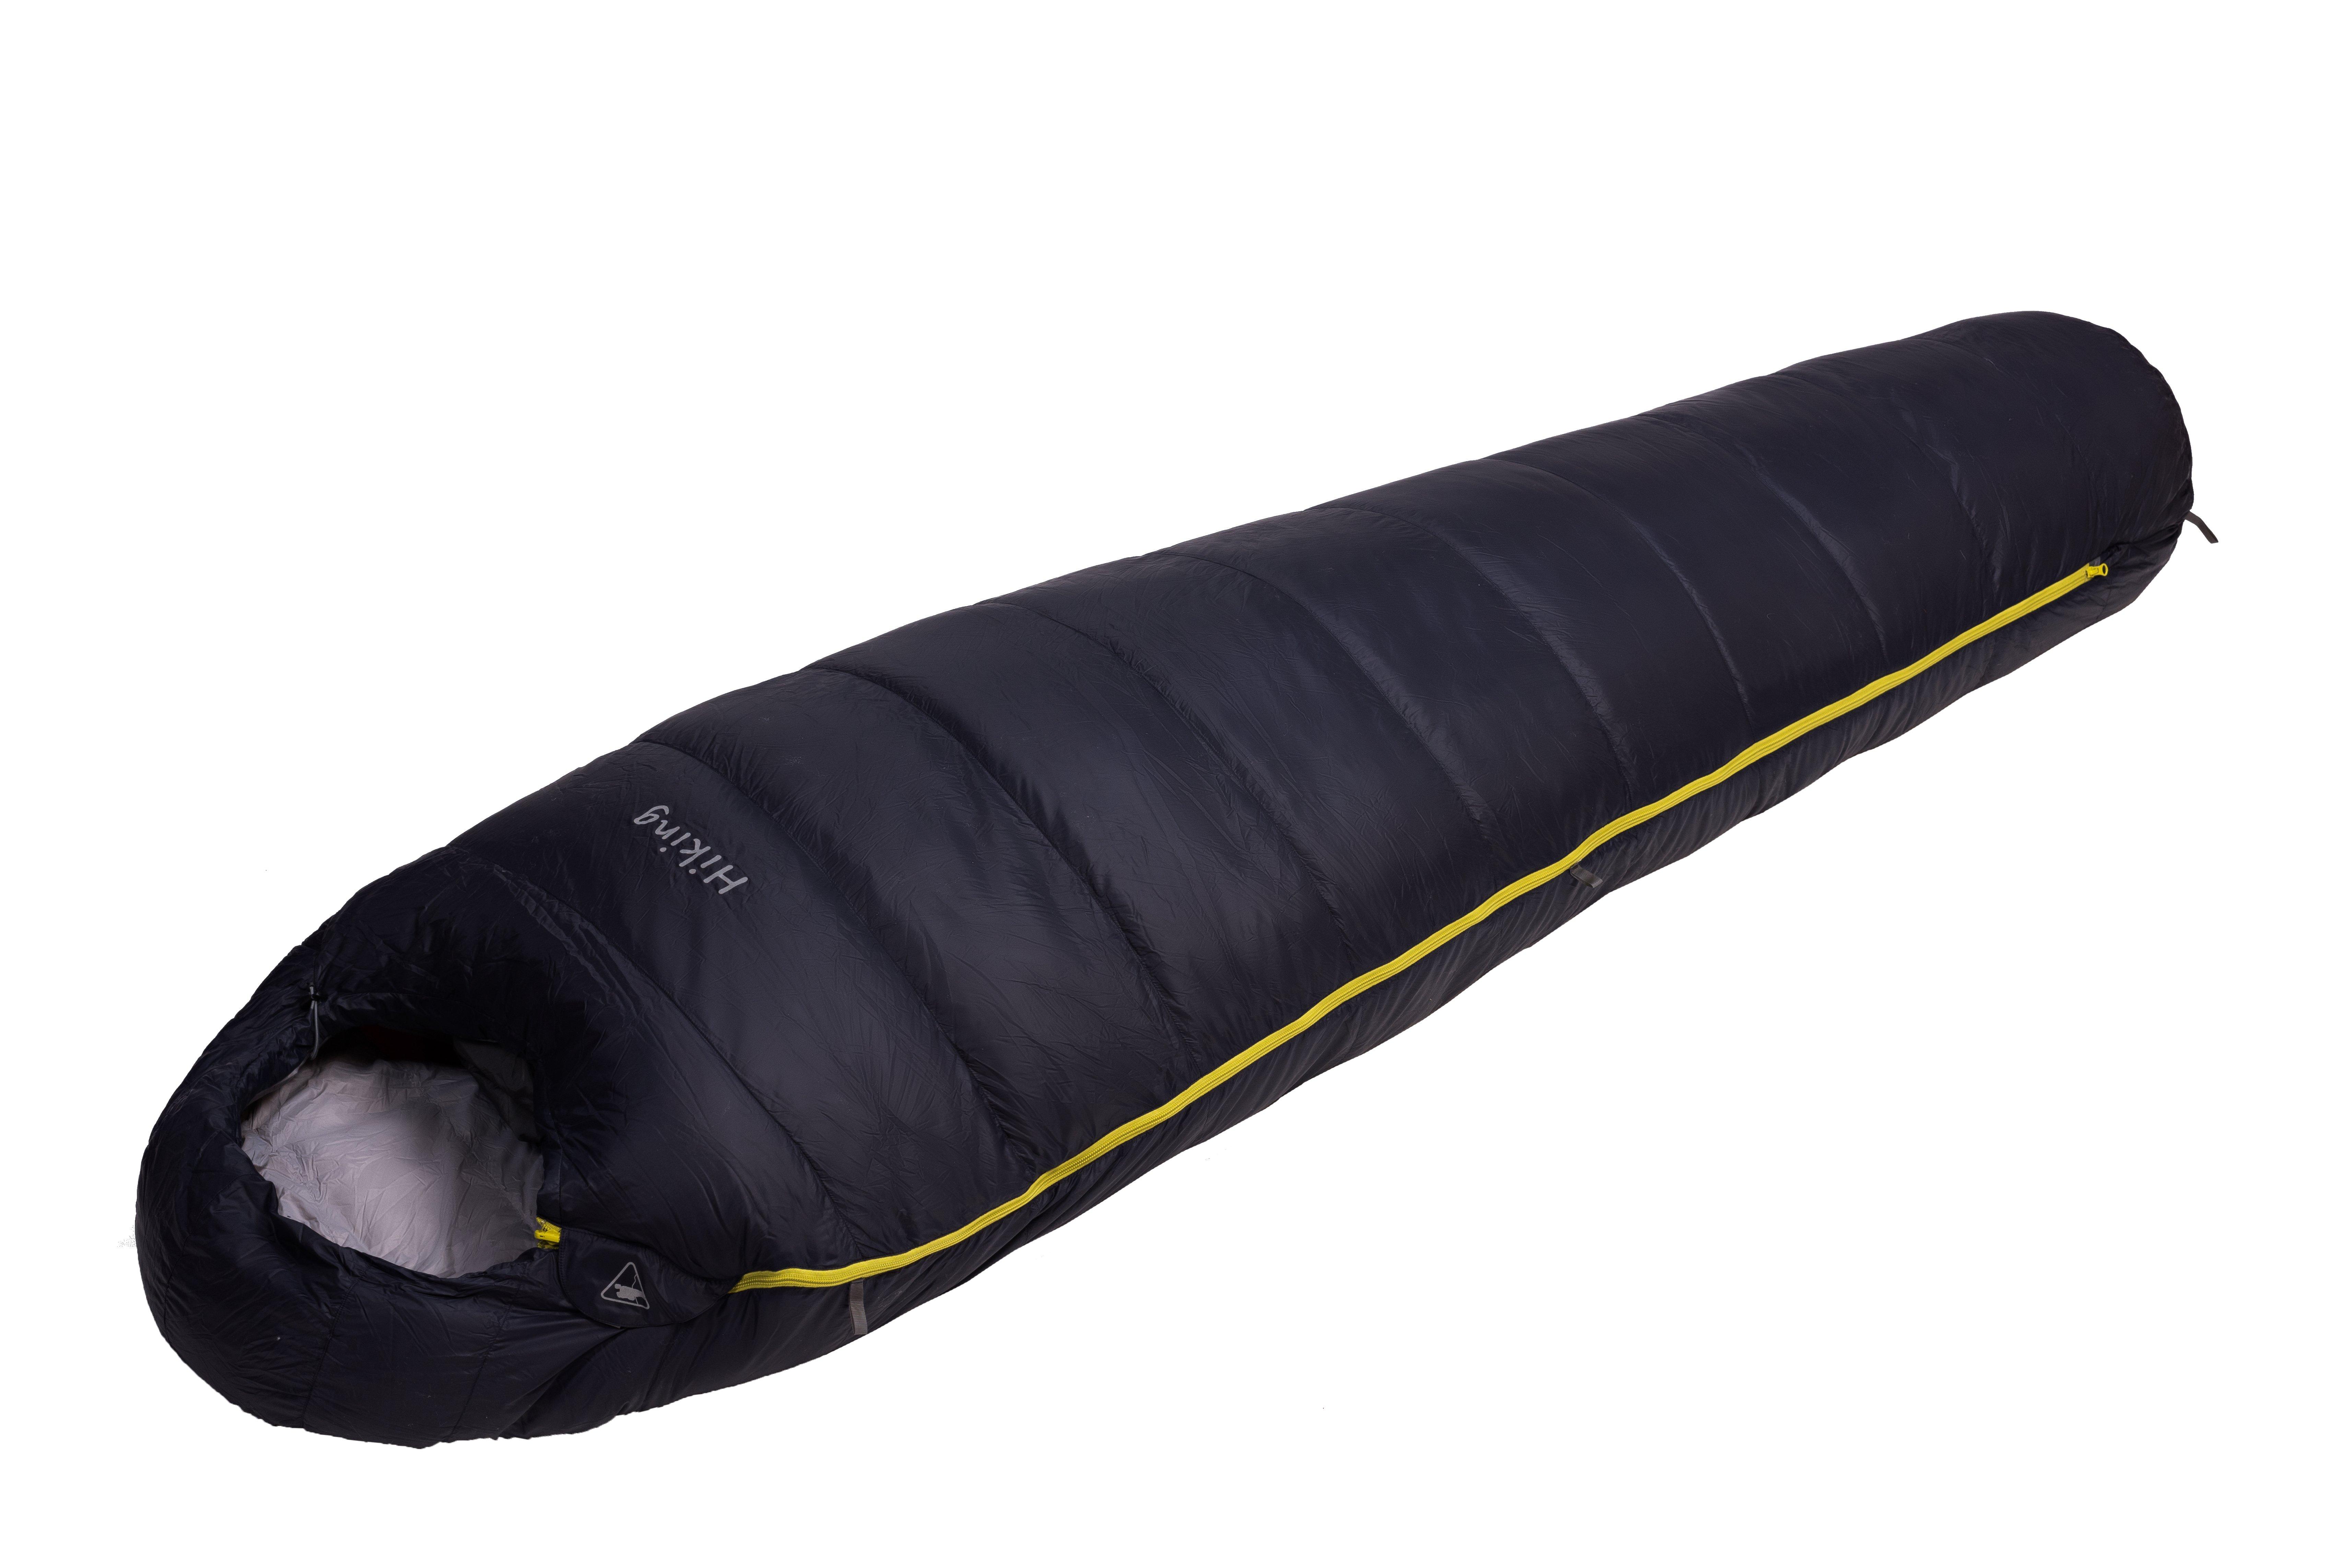 Спальный мешок БАСК HIKING-S-850+ 1484Лёгкий и тёплый пуховый спальный мешок размера S с температурным режимом до-25&amp;ordm;С.<br><br>Верхняя ткань: Advance®Superior<br>Вес без упаковки: 930<br>Вес упаковки: 90<br>Вес утеплителя: 490<br>Внутренняя ткань: Advance®Superior<br>Возможность состегивания: Да<br>Количество слоев утеплителя: 1<br>Назначение: Туризм<br>Наличие карманов: Да<br>Нижняя температура комфорта °C: -7<br>Подголовник/Капюшон: Да<br>Показатель Fill Power (для пуховых изделий): 850<br>Пол: Унисекс<br>Размер в упакованном виде (диаметр х длина): 18х46<br>Размеры наружные (внутренние): 215x192x80x55<br>Система расположения слоев утеплителя или пуховых пакетов: Смещенные швы<br>Температура комфорта °C: -1<br>Тесьма вдоль планки: Да<br>Тип молнии: Двухзамковая-разъёмная<br>Тип утеплителя: Натуральный<br>Утеплитель: Гусиный пух<br>Утепляющая планка: Да<br>Форма: Кокон<br>Шейный пакет: Да<br>Экстремальная температура °C: -25